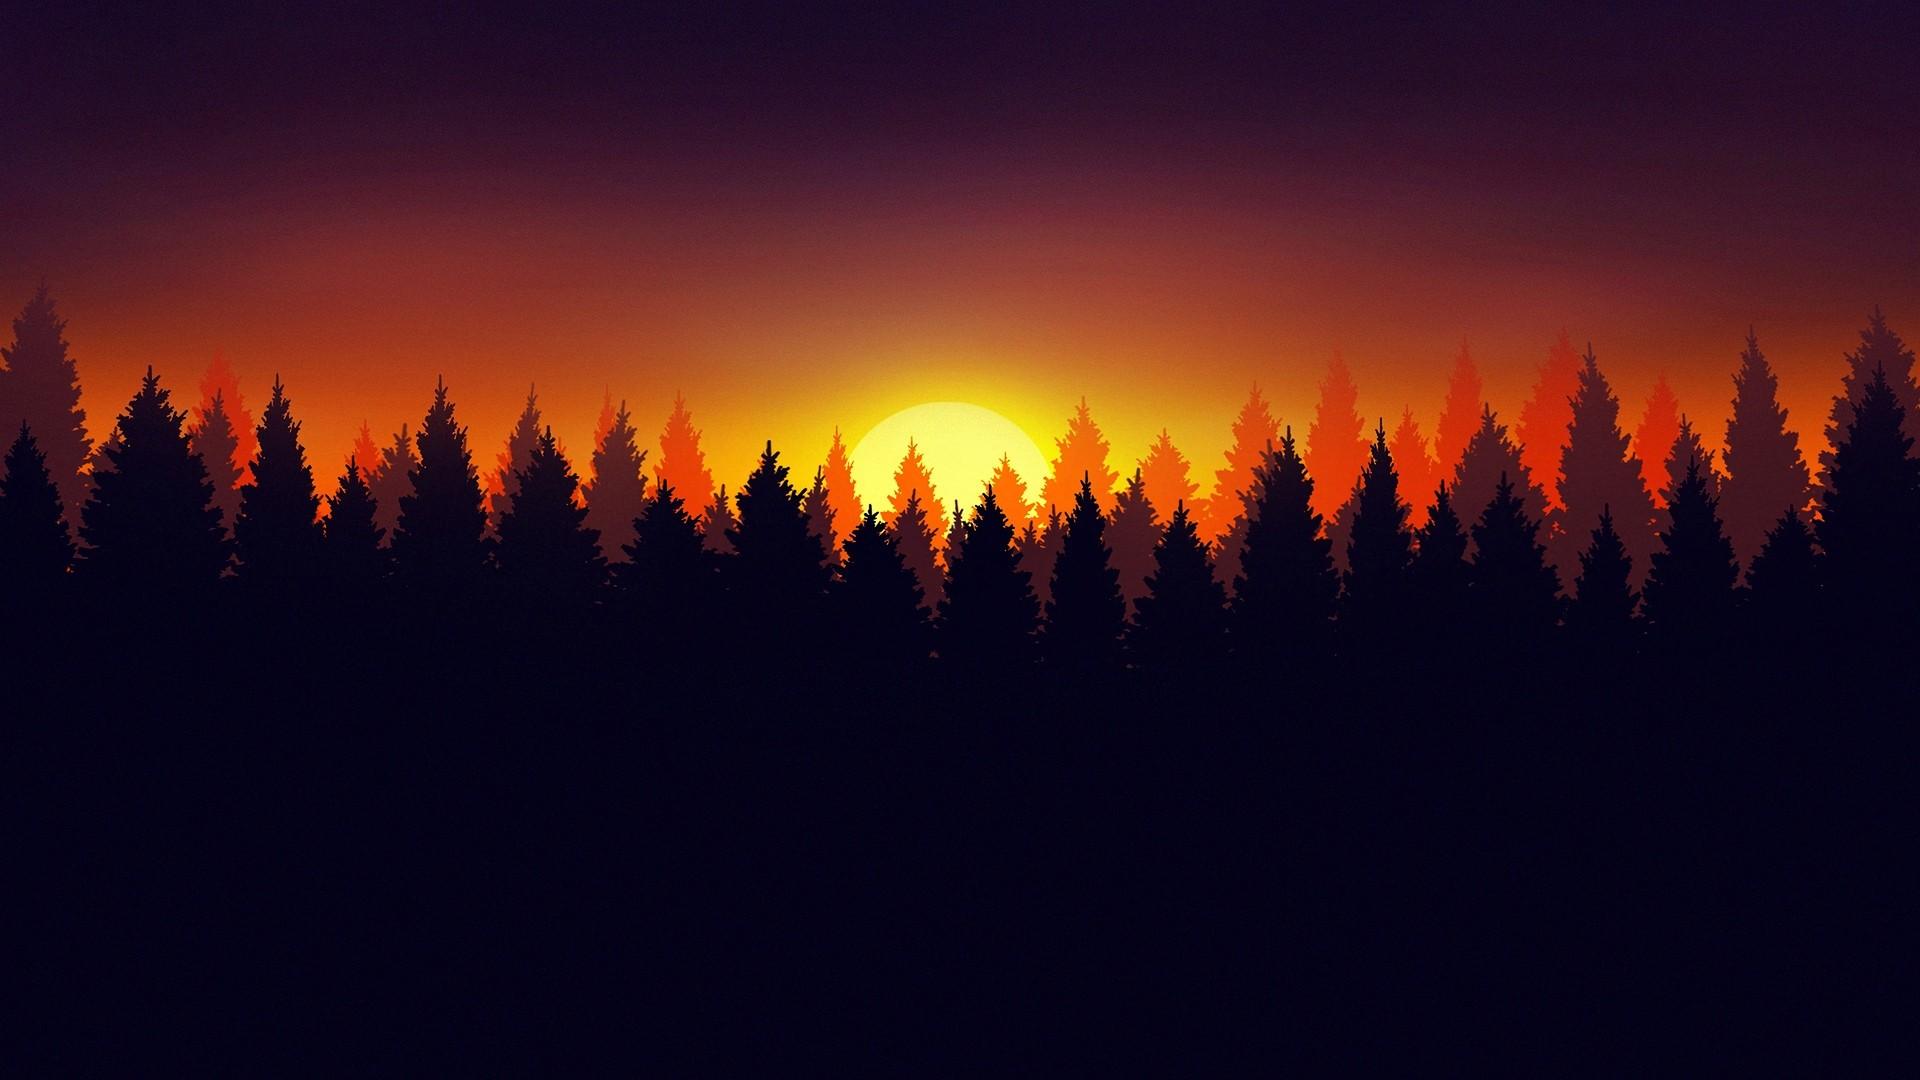 Forest Sunlight Desktop Wallpaper